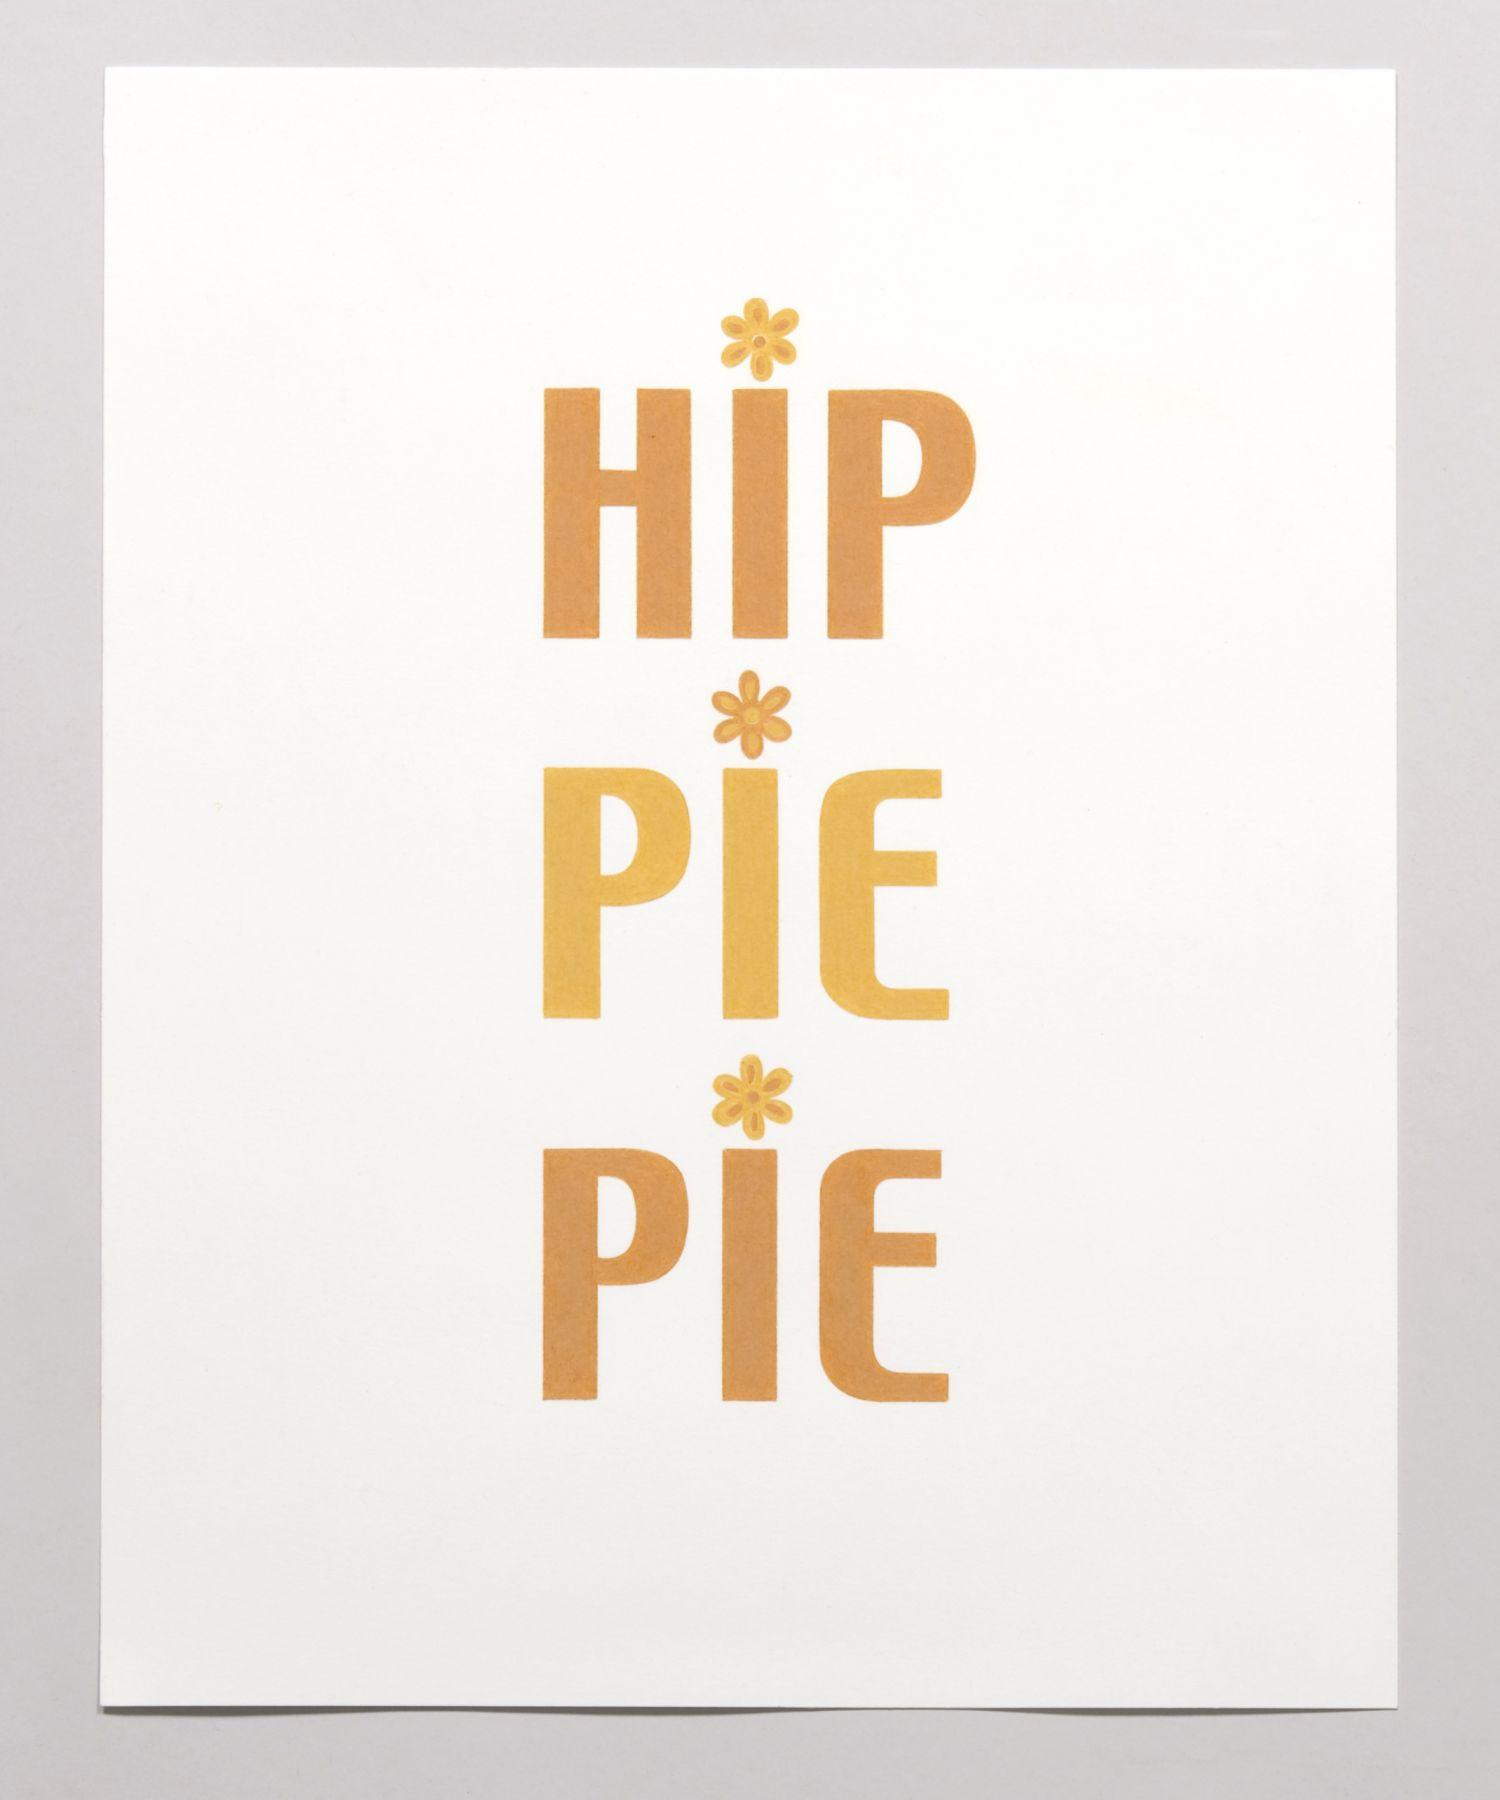 Hippie Pie, 2007